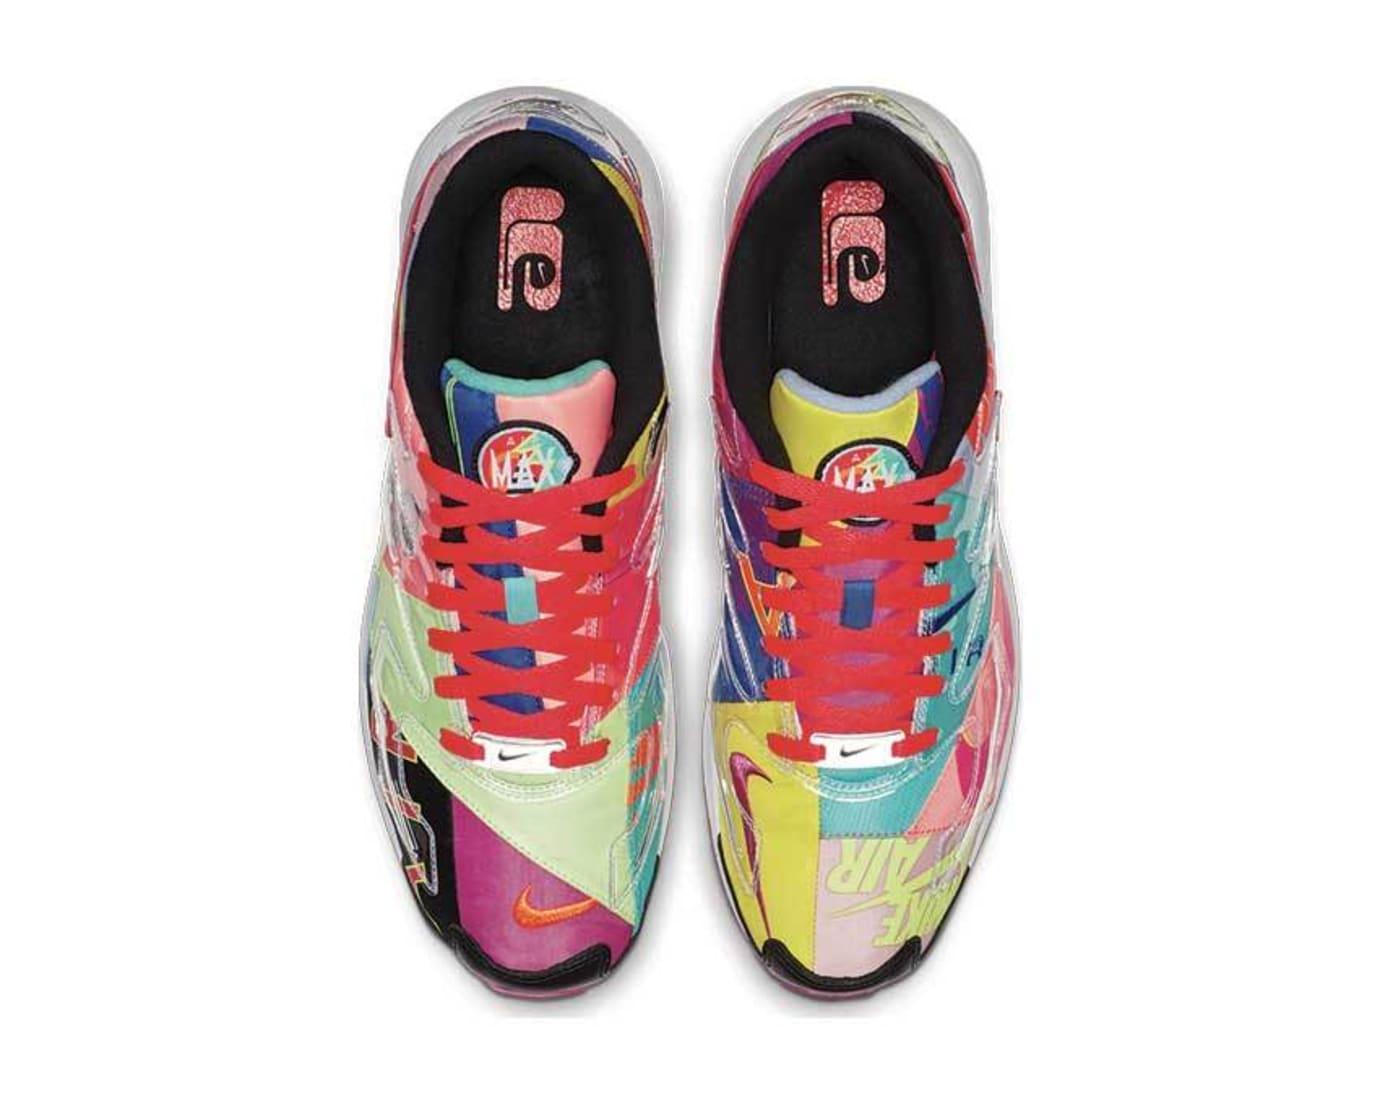 Atmos x Nike Air Max2 Light 'Black/Bright Crimson' BV7406-001 (Top)